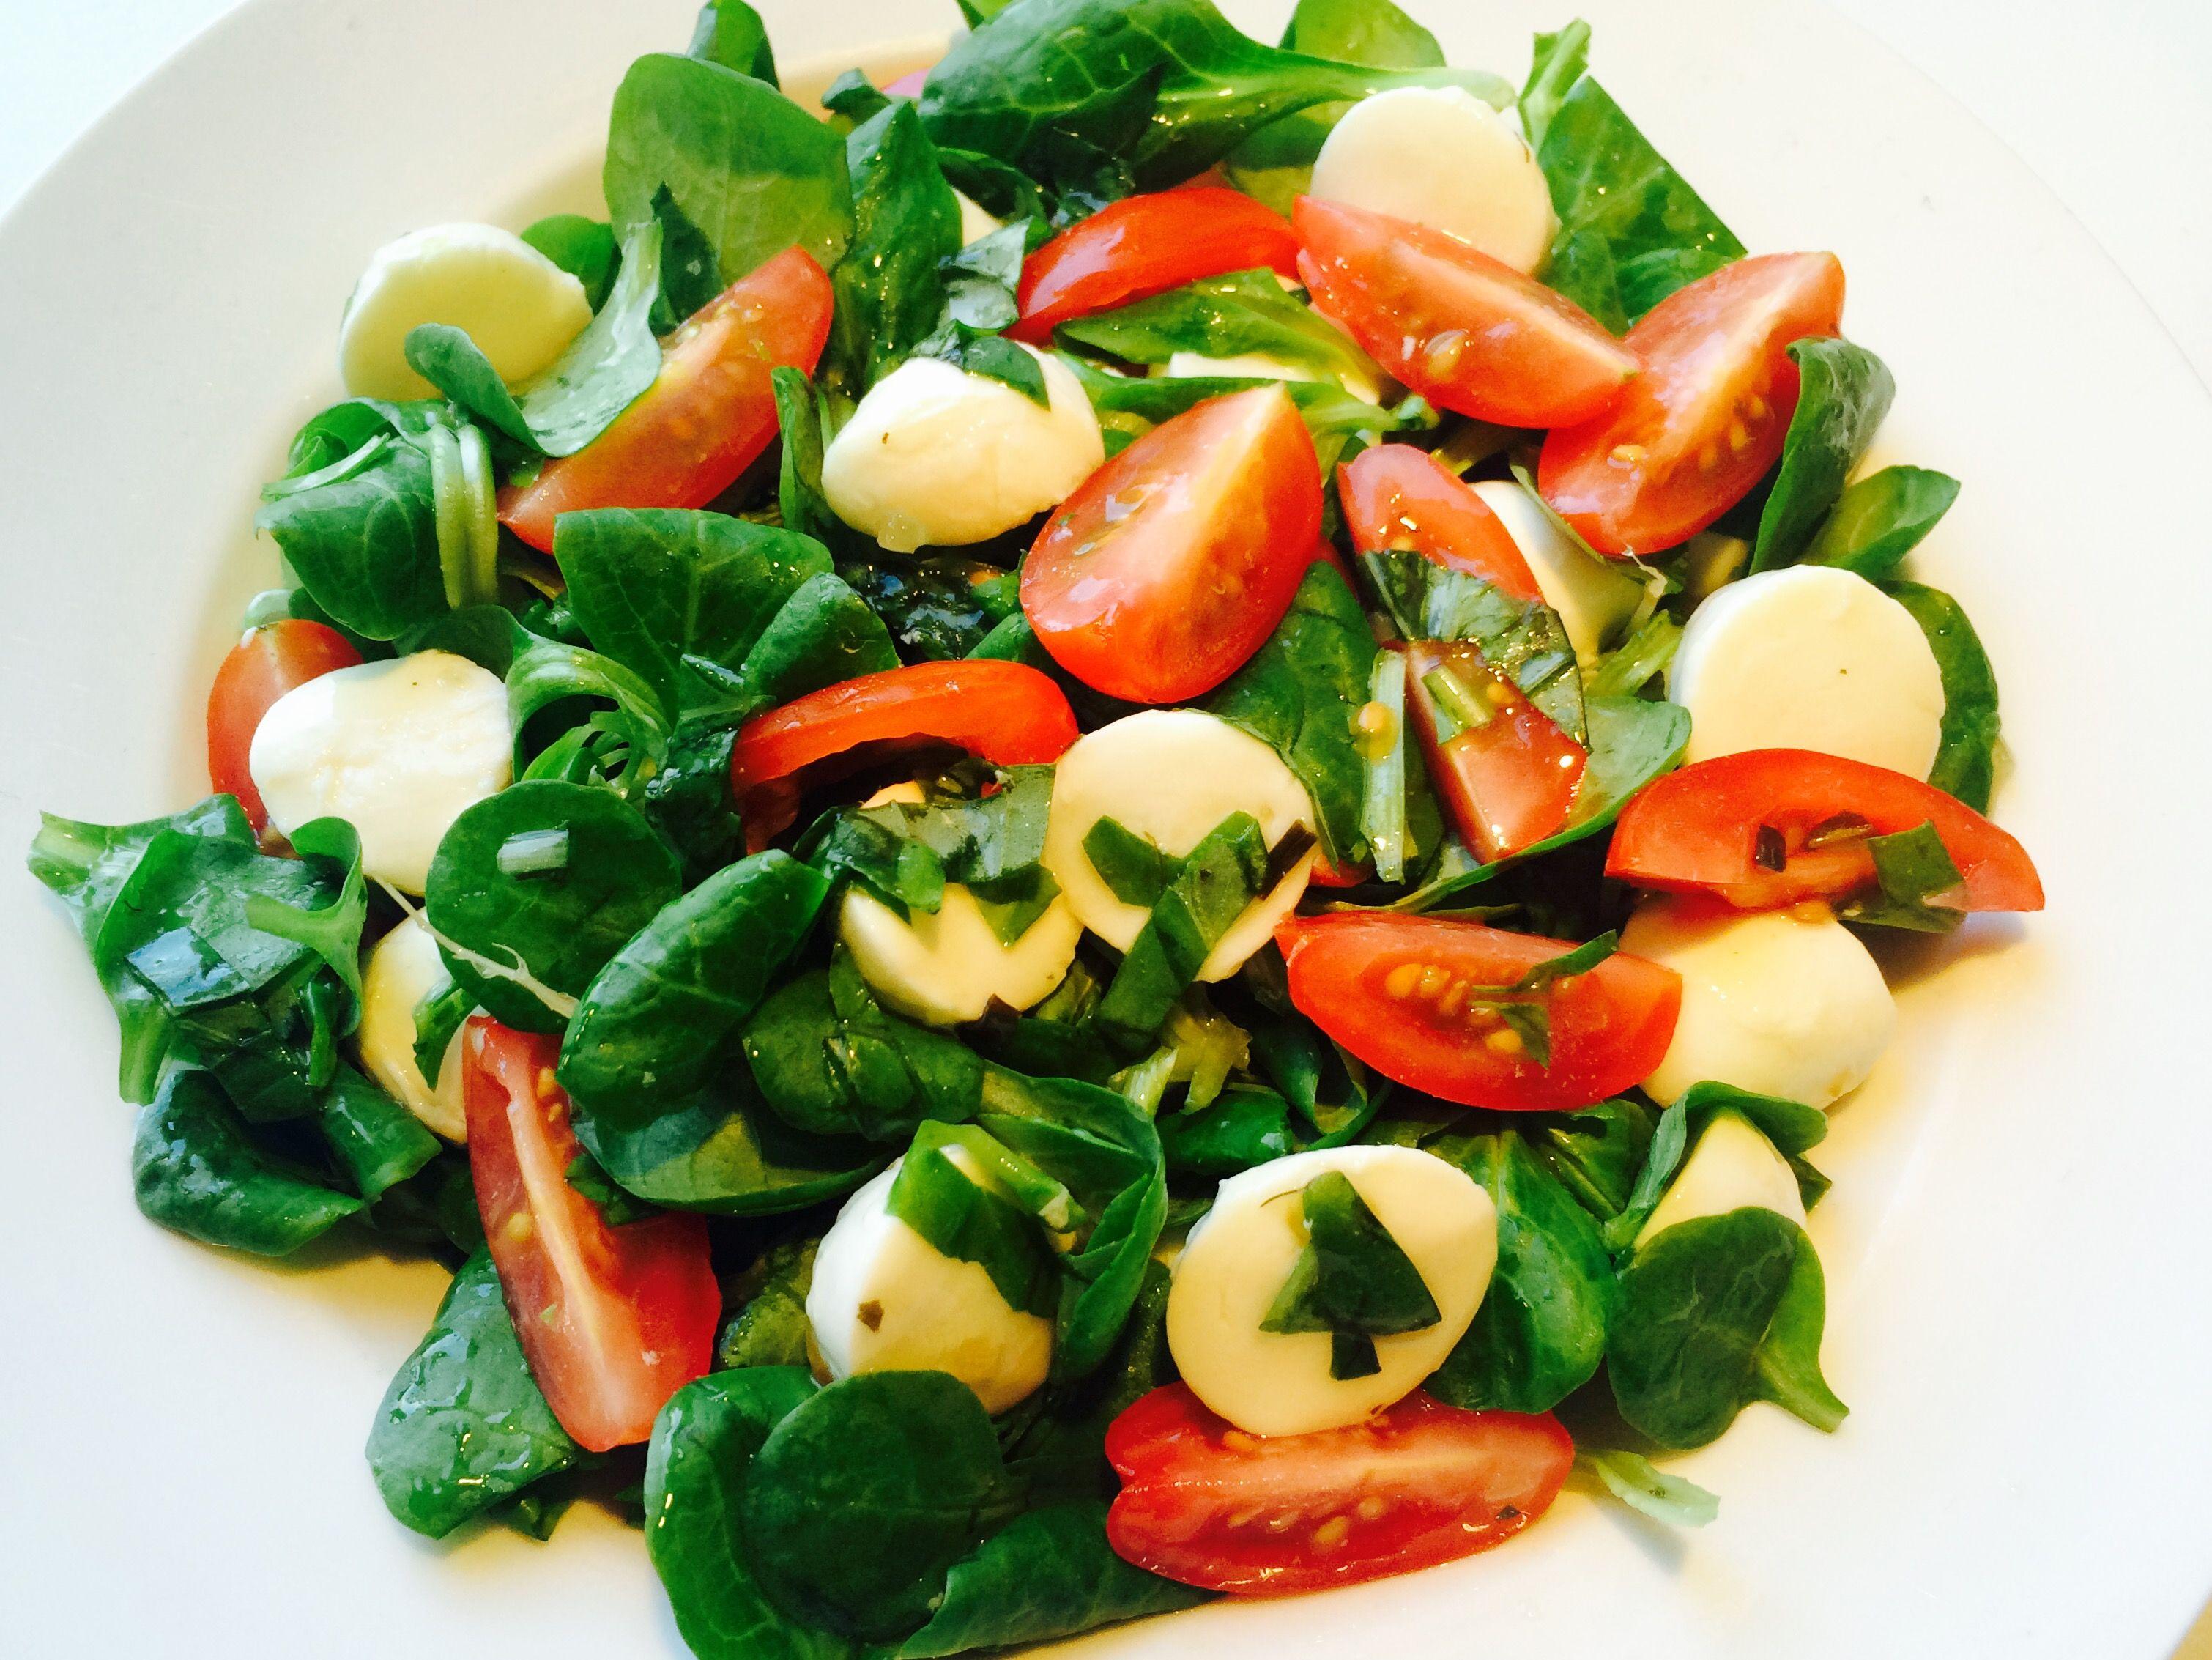 #Salad Recipes# #Salade Recepten# #Mozarella Recipes# #Mozarella Recepten# #Mozzarella Recipes# #Mozzarella Recepten# #Basil Recipes# #Basilicum Recepten# #Tomato Mozzarella Salad# #Ingredients: Mozzarella, Dandelion Salad, Mini Tomatoes, Basil, Natural Dressings# -------------------------------------------------------- #Tomaten & Mozzarella Salade# #Ingrediënten: Mozzarella, Veldsla, Mini Tomaten, Basilicum, Naturel Dressing#